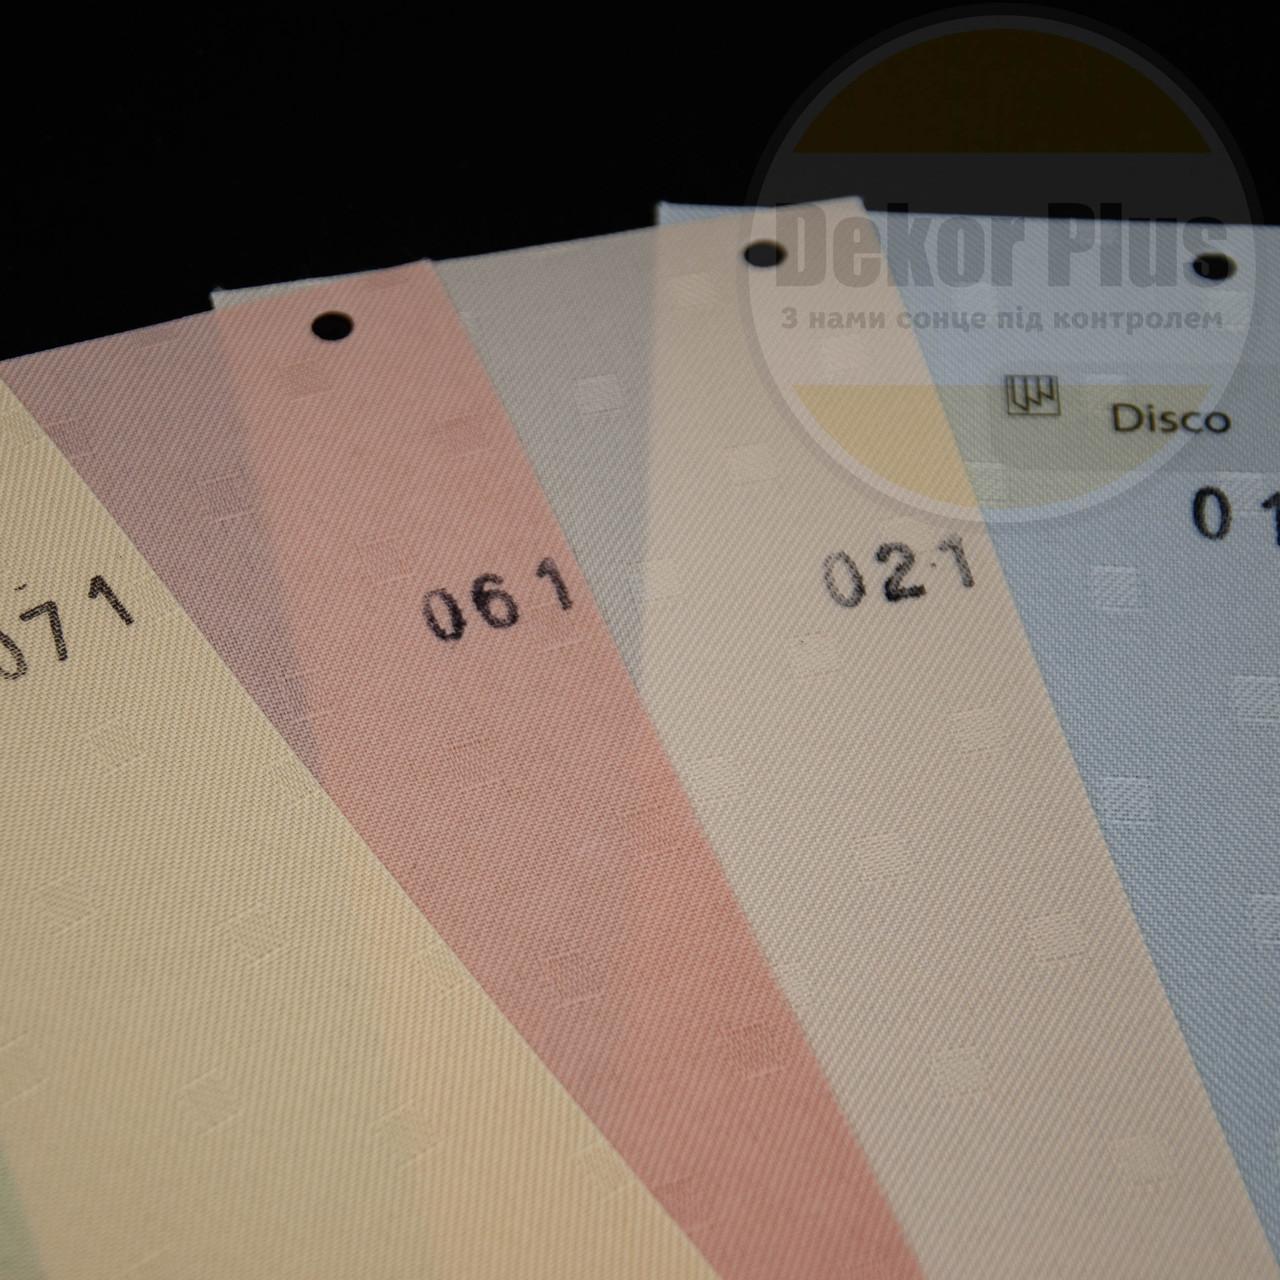 Вертикальні жалюзі Disco 89мм (4 варіанти кольору)